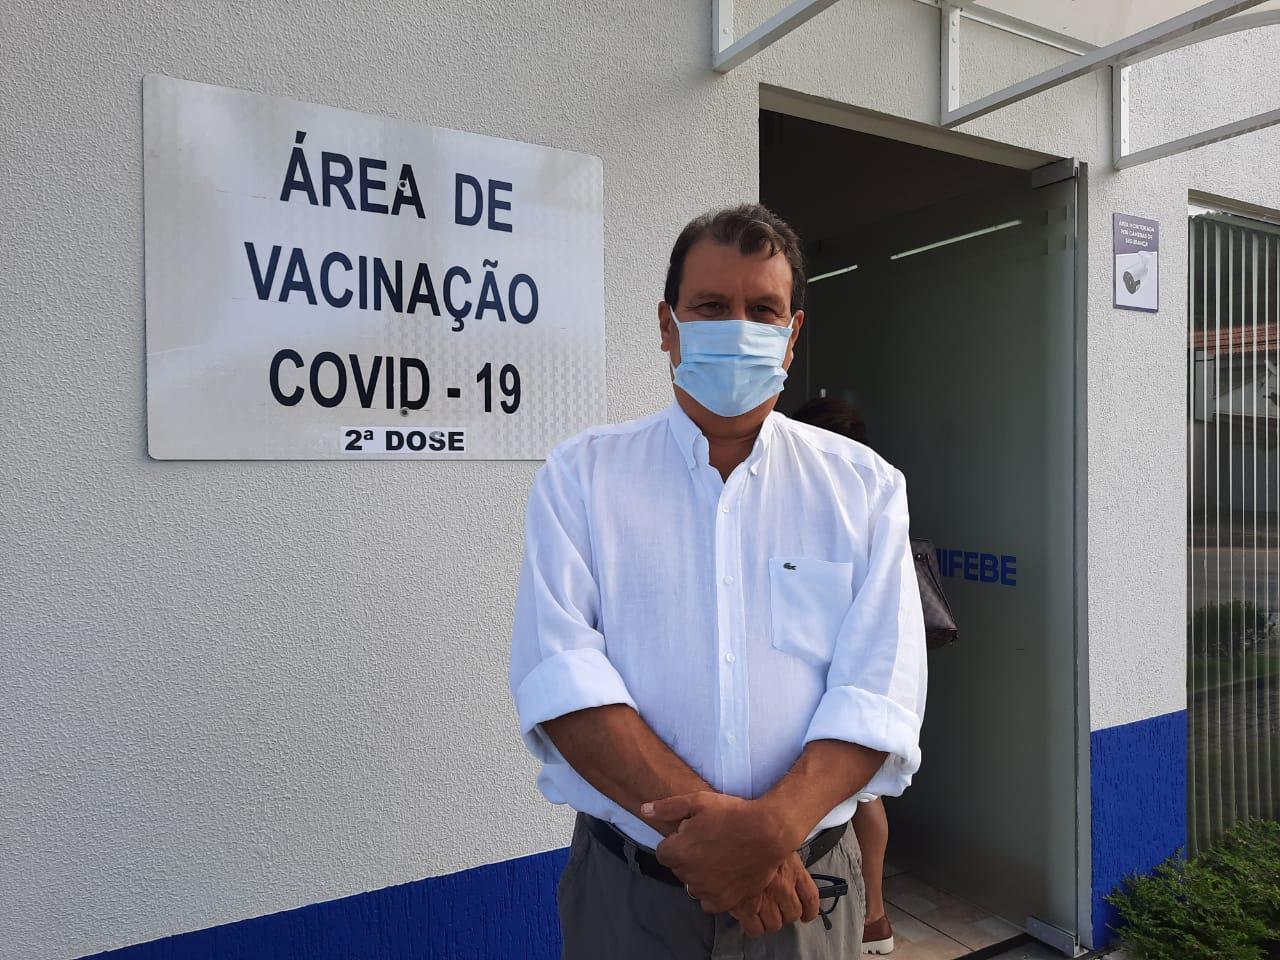 Covid-19: Centro de vacinação já está em funcionamento na Unifebe